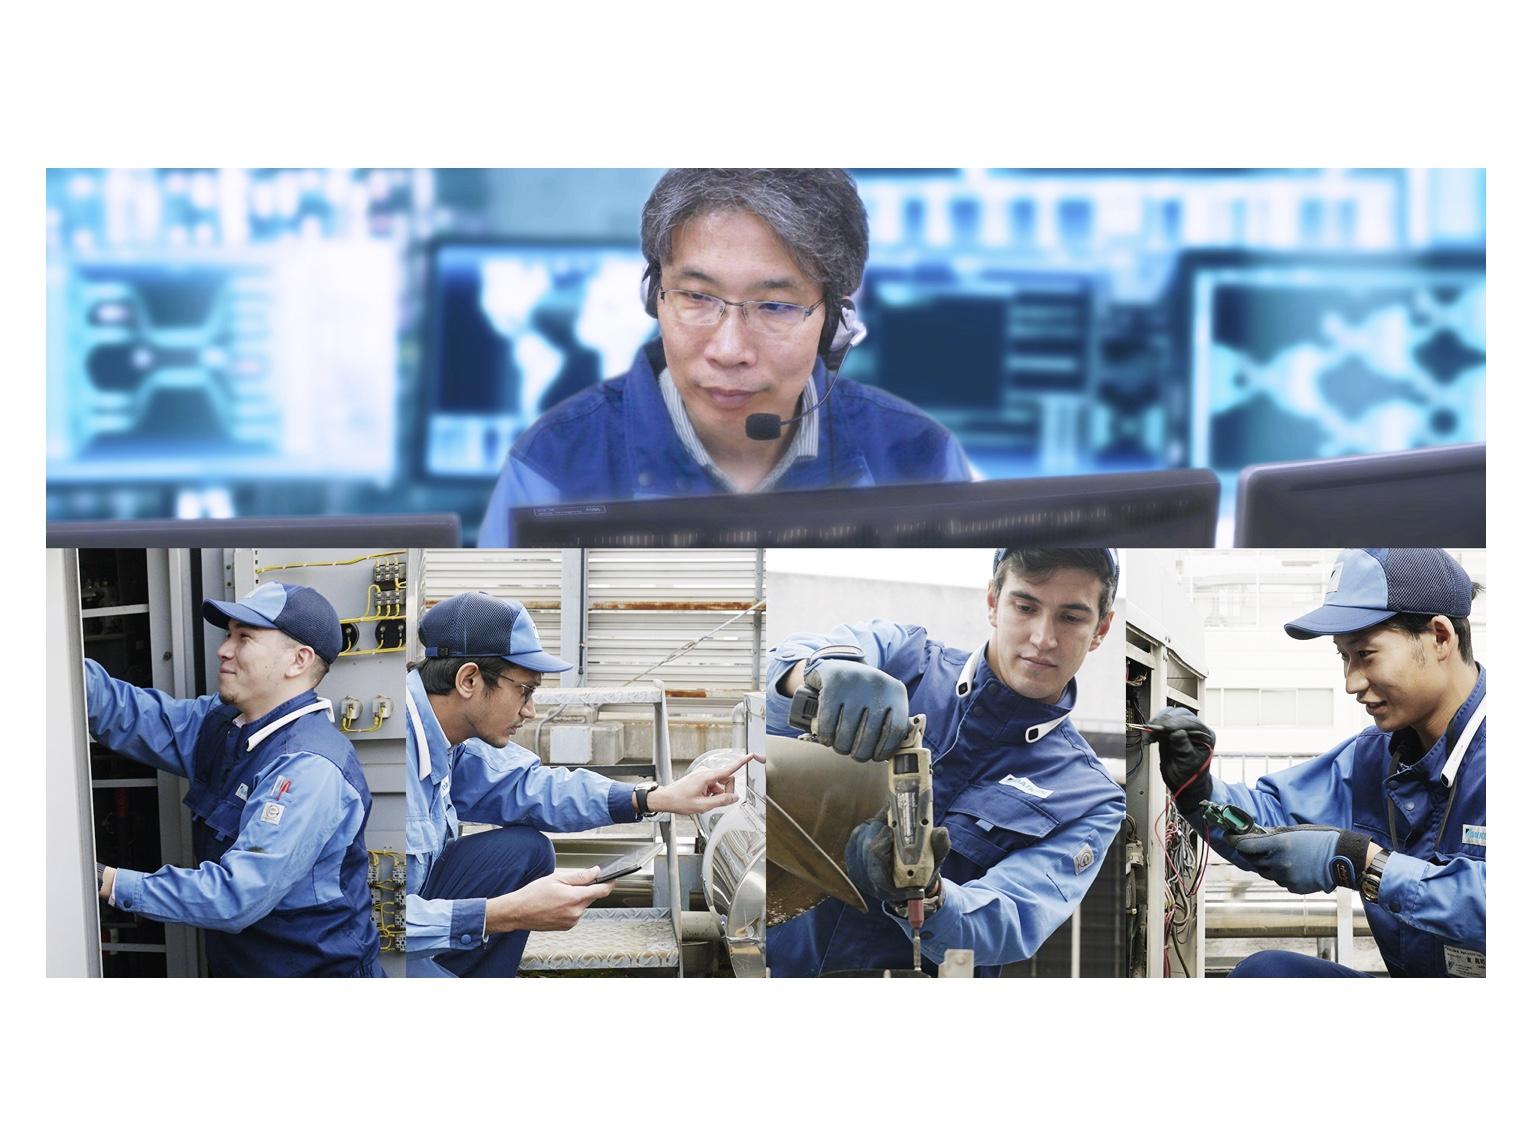 東大発ベンチャー・フェアリーデバイセズとダイキン工業が連携、コネクテッドワーカー創出による現場業務の革新に取り組む